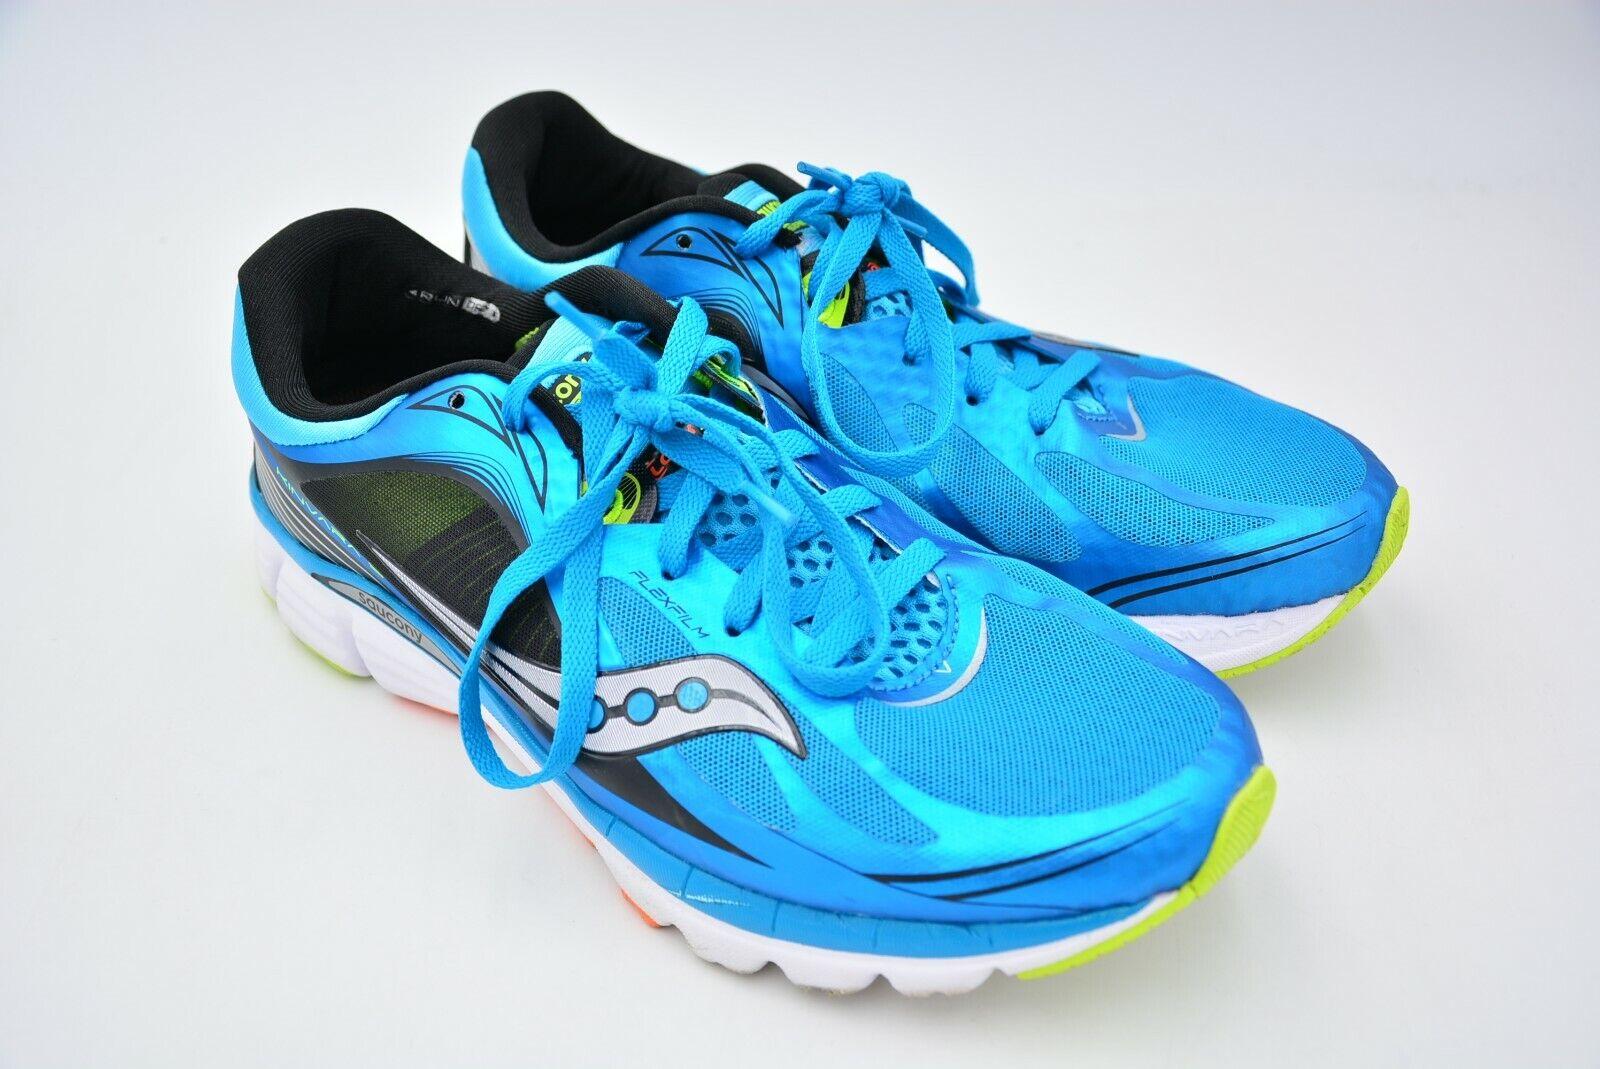 Saucony Kinvara 5 Zapato De Correr Hombre Azul Negro Citron tamaño nos 10.5 Usado